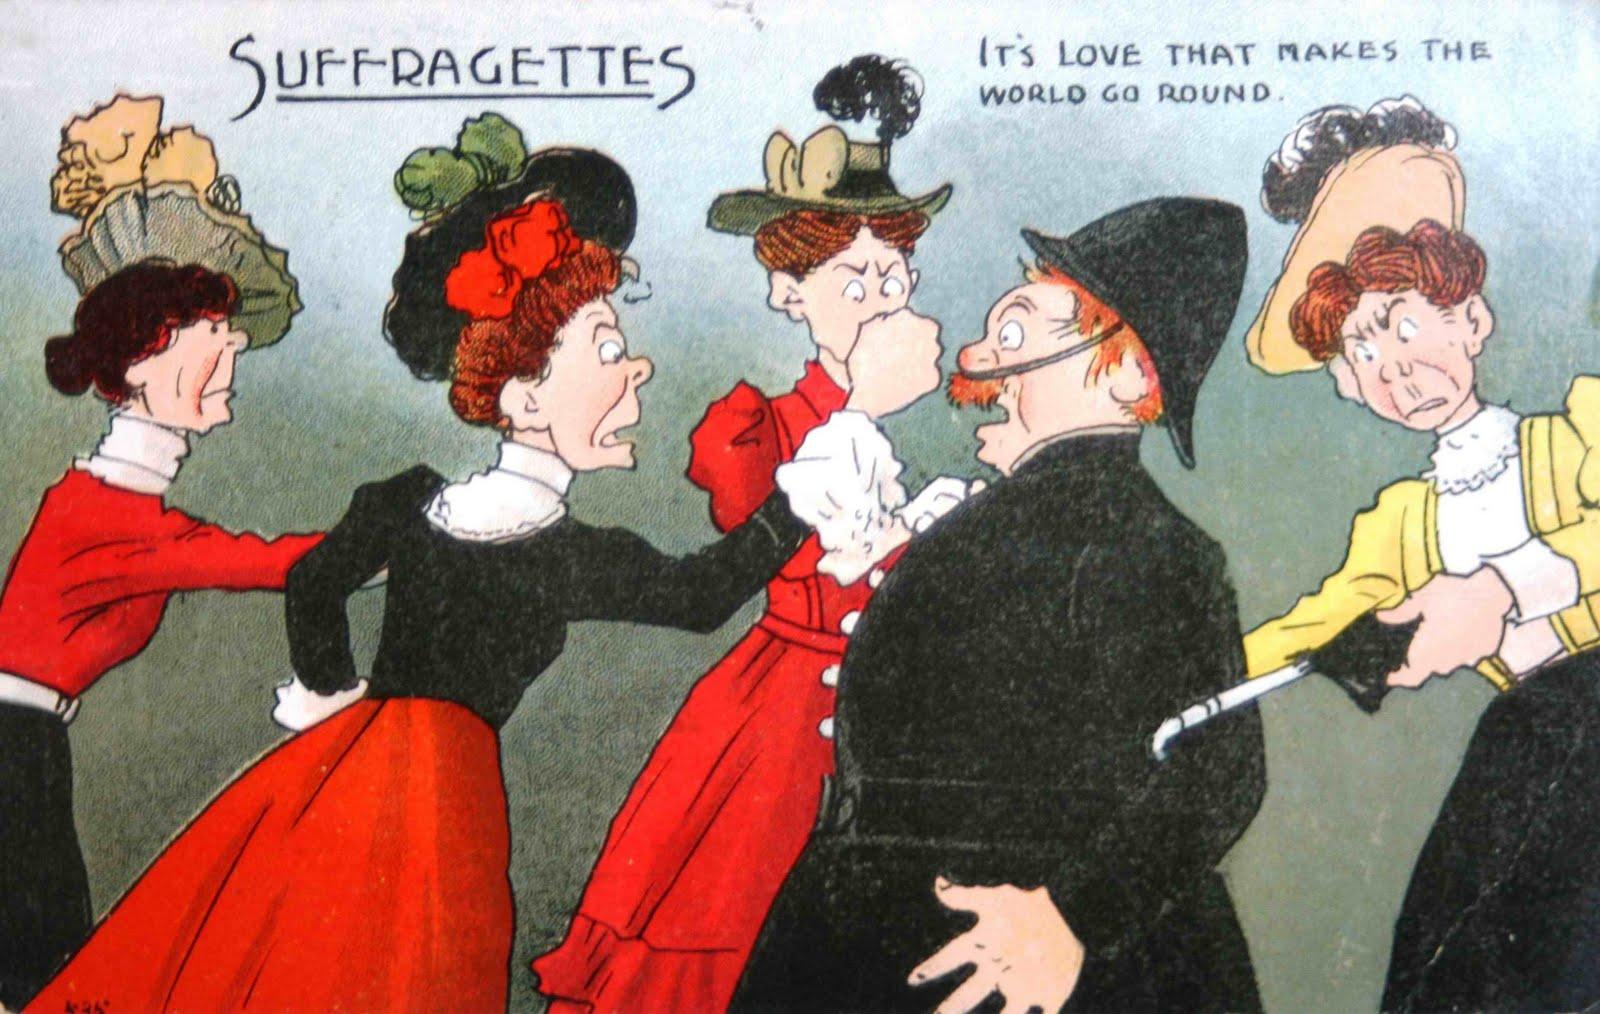 suffragettes terrorists